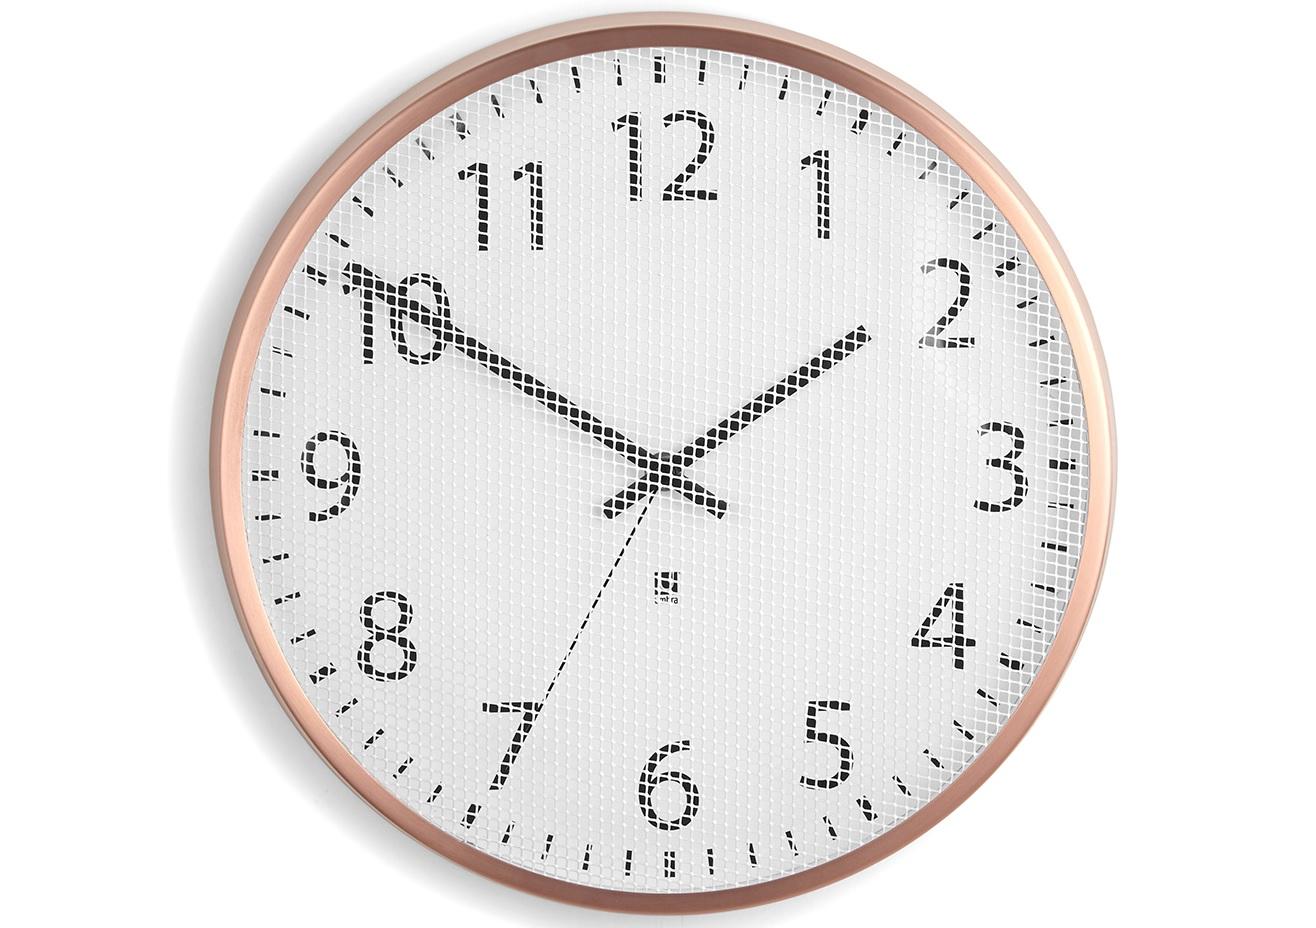 Часы настенные PerftimeНастенные часы<br>В отличие от стандартных часов, циферблат модели Pertime защищен не стеклом, а тонкой металлической сеткой, которая создает интересный оптический эффект. Cекундная стрелка позволяет определить время с абсолютной точностью.&amp;lt;div&amp;gt;&amp;lt;br&amp;gt;&amp;lt;/div&amp;gt;&amp;lt;div&amp;gt;Часы имеют кварцевый механизм.&amp;lt;/div&amp;gt;&amp;lt;div&amp;gt;Дизайн: Alan Wisniewski&amp;lt;/div&amp;gt;<br><br>Material: Металл<br>Глубина см: 4